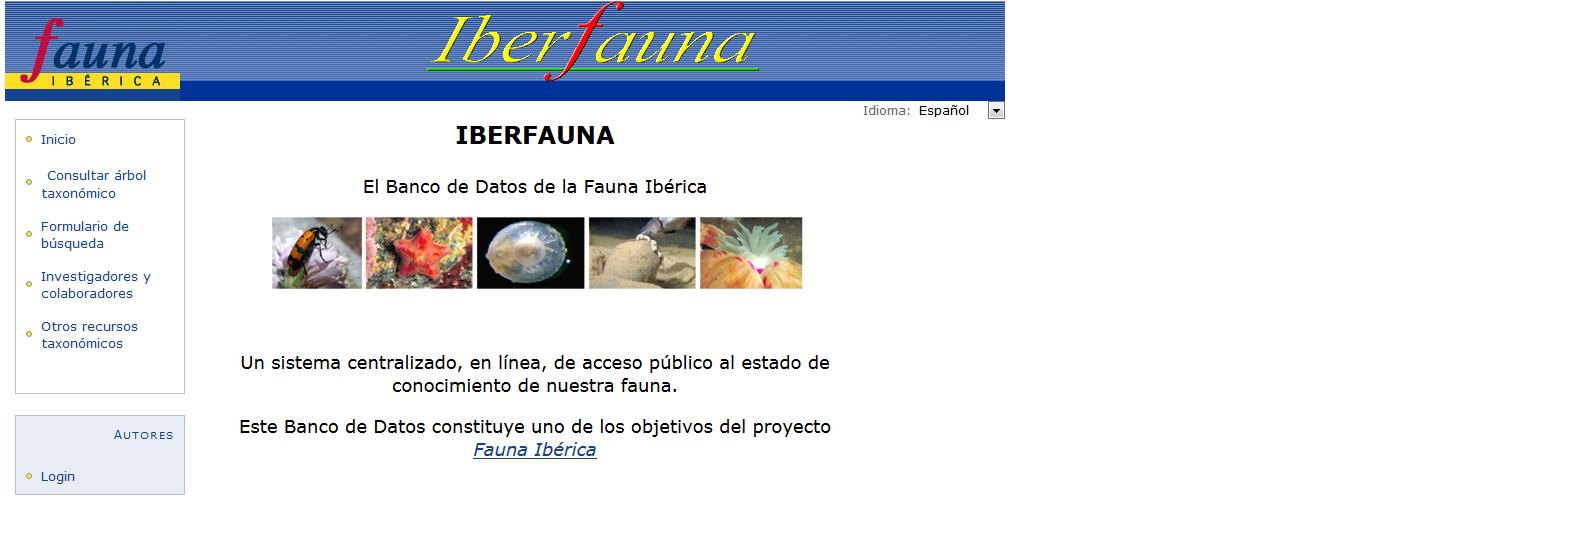 Iberfauna Mantiene Un Servicio De Informacion Sobre La Biodiversidad Zoologica Iberica Facultad De Ciencias Biologicas Universidad De Leon Zoologia